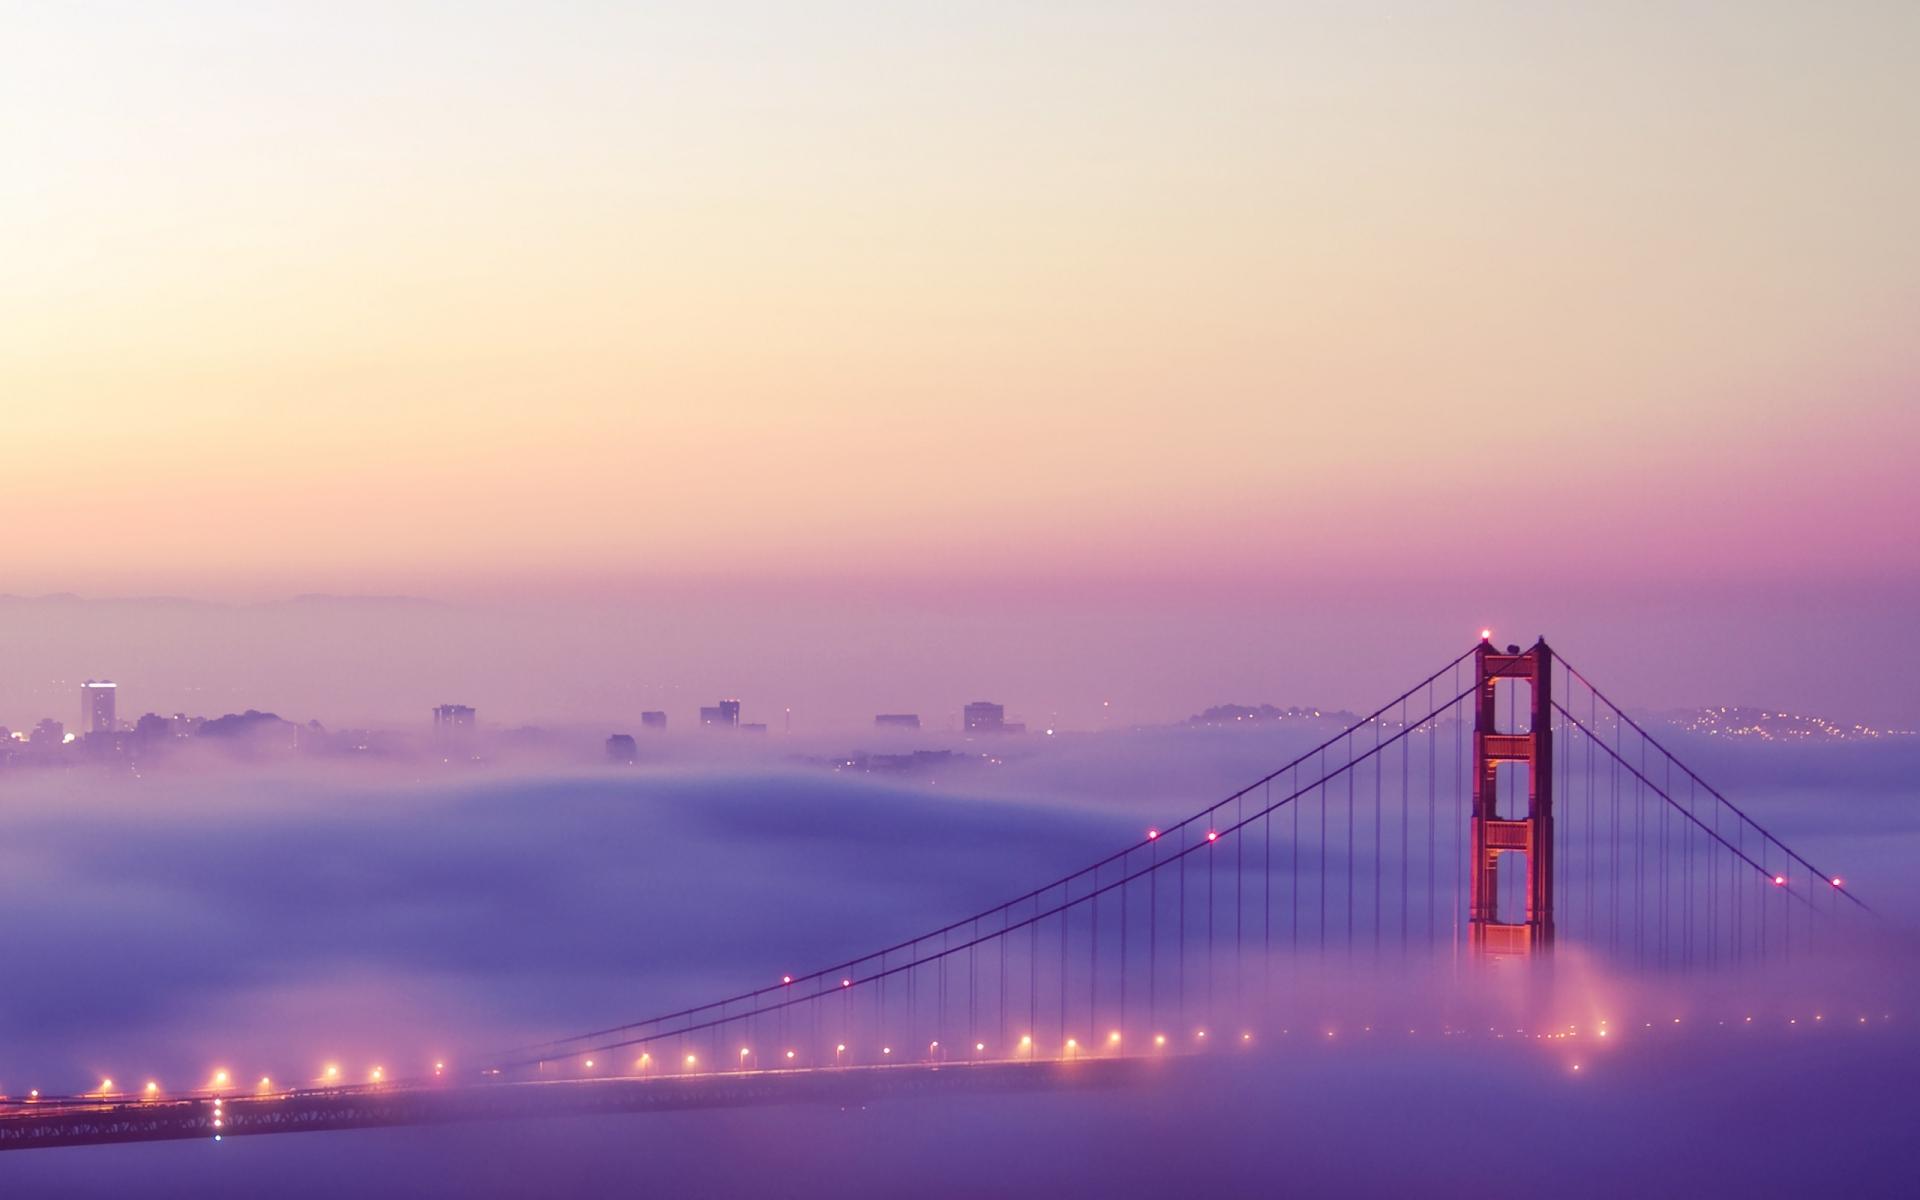 Картинки Сан-Франциско, туман, огни, мост фото и обои на рабочий стол